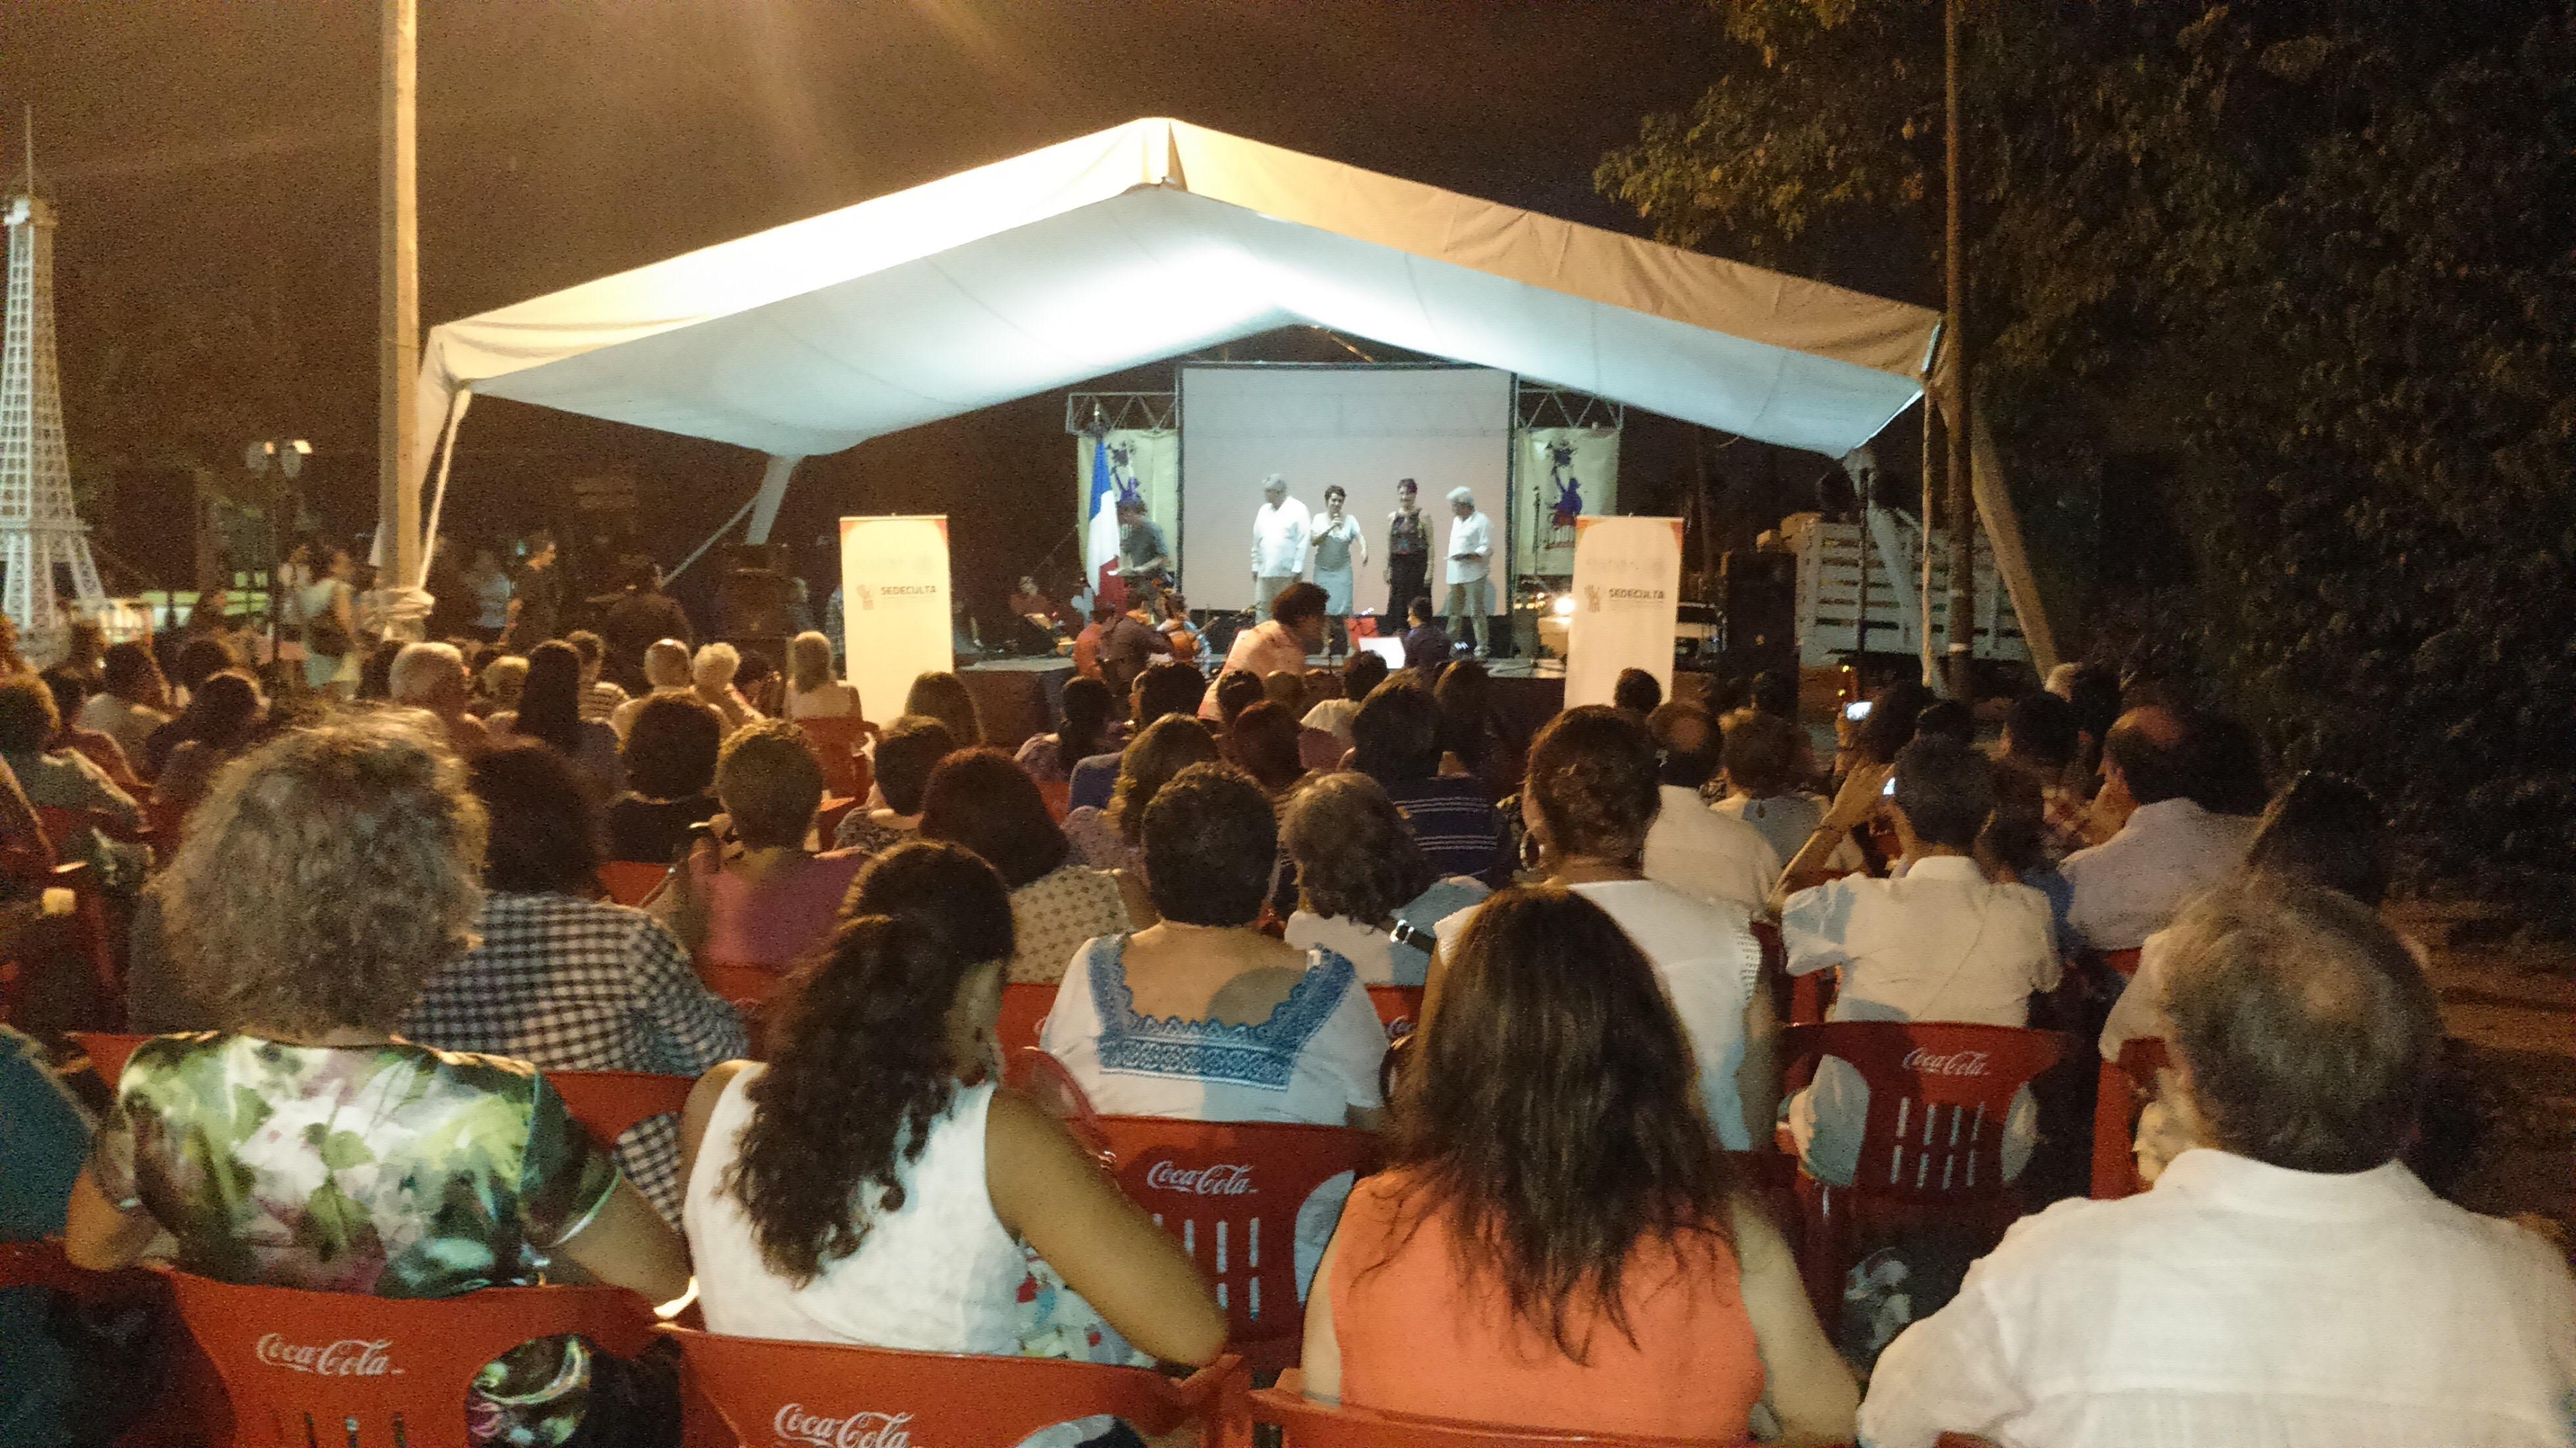 De fiesta y duelo en Alianza Francesa Mérida